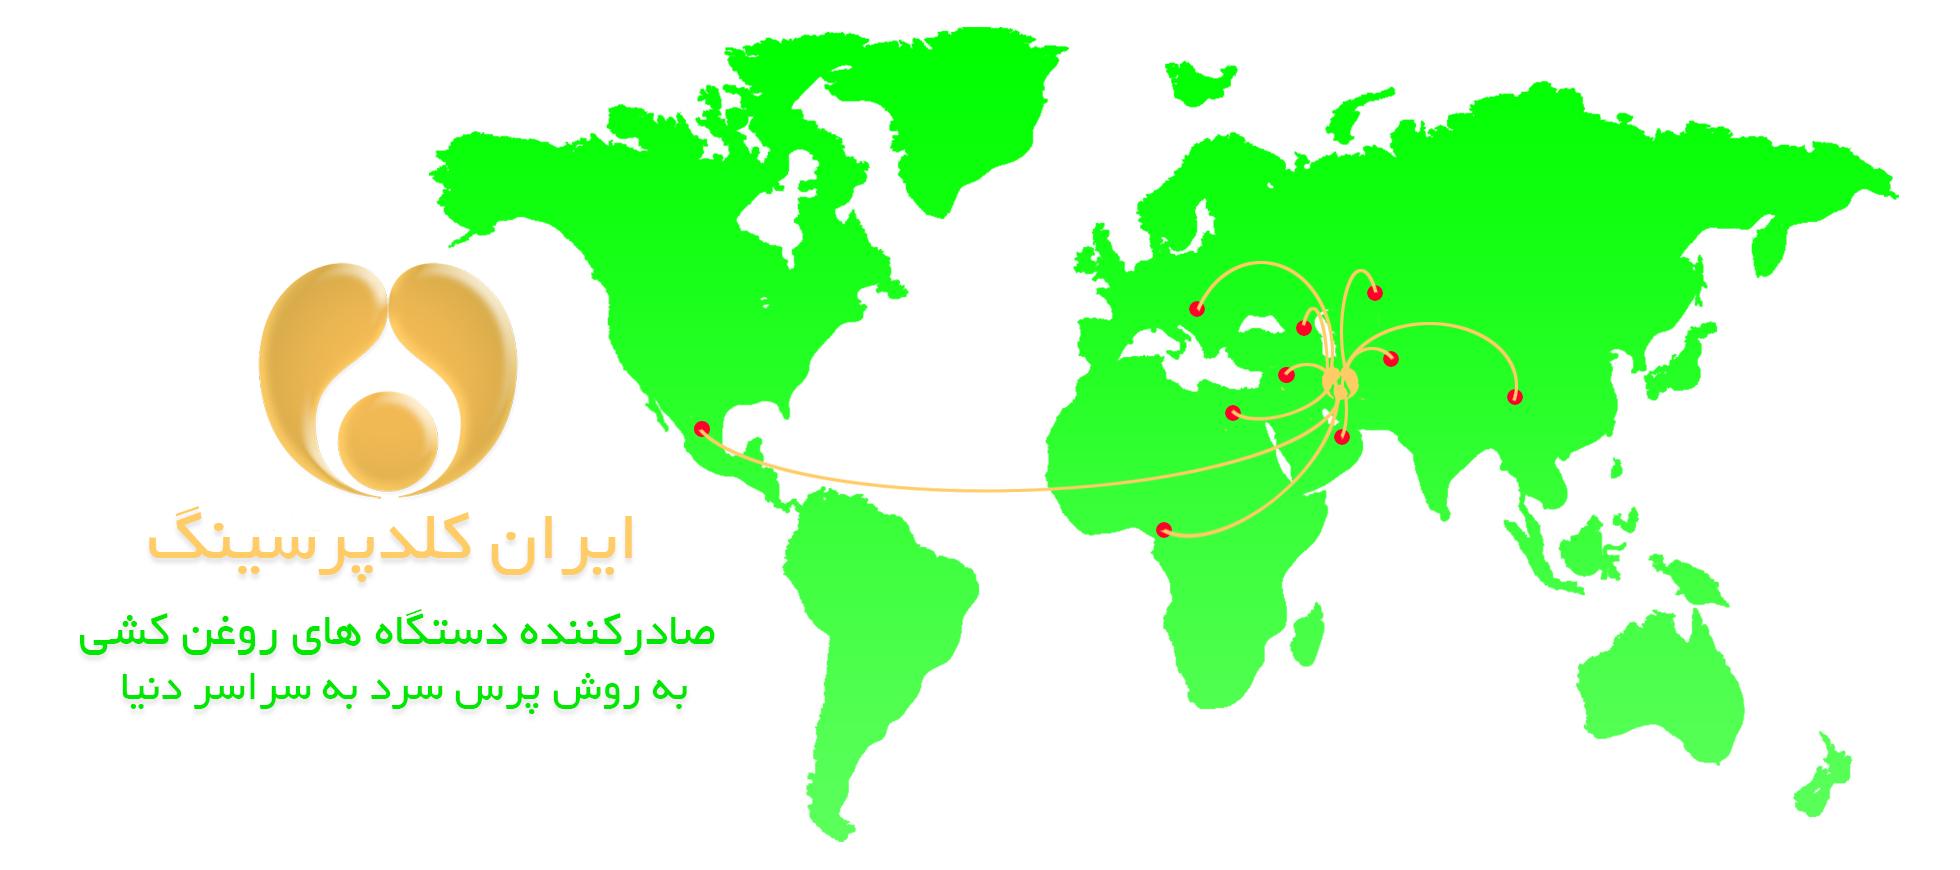 صادرات محصولات روغنگیری و روغنکشی ایران کلدپرسینگ